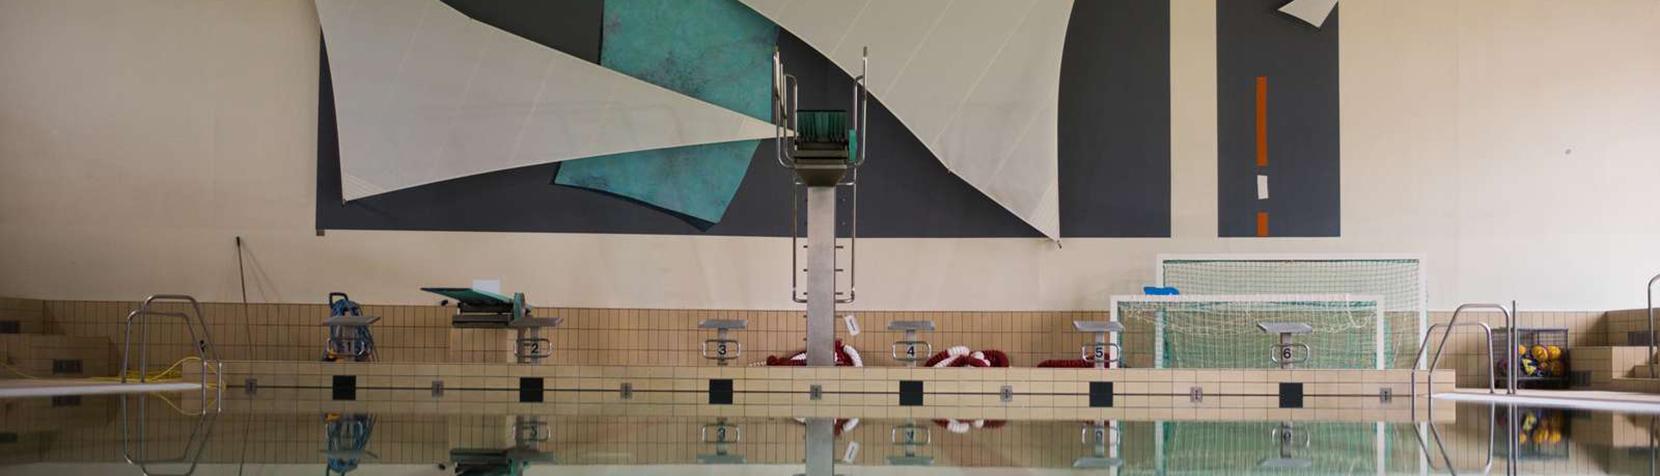 Svømmehal Topsek